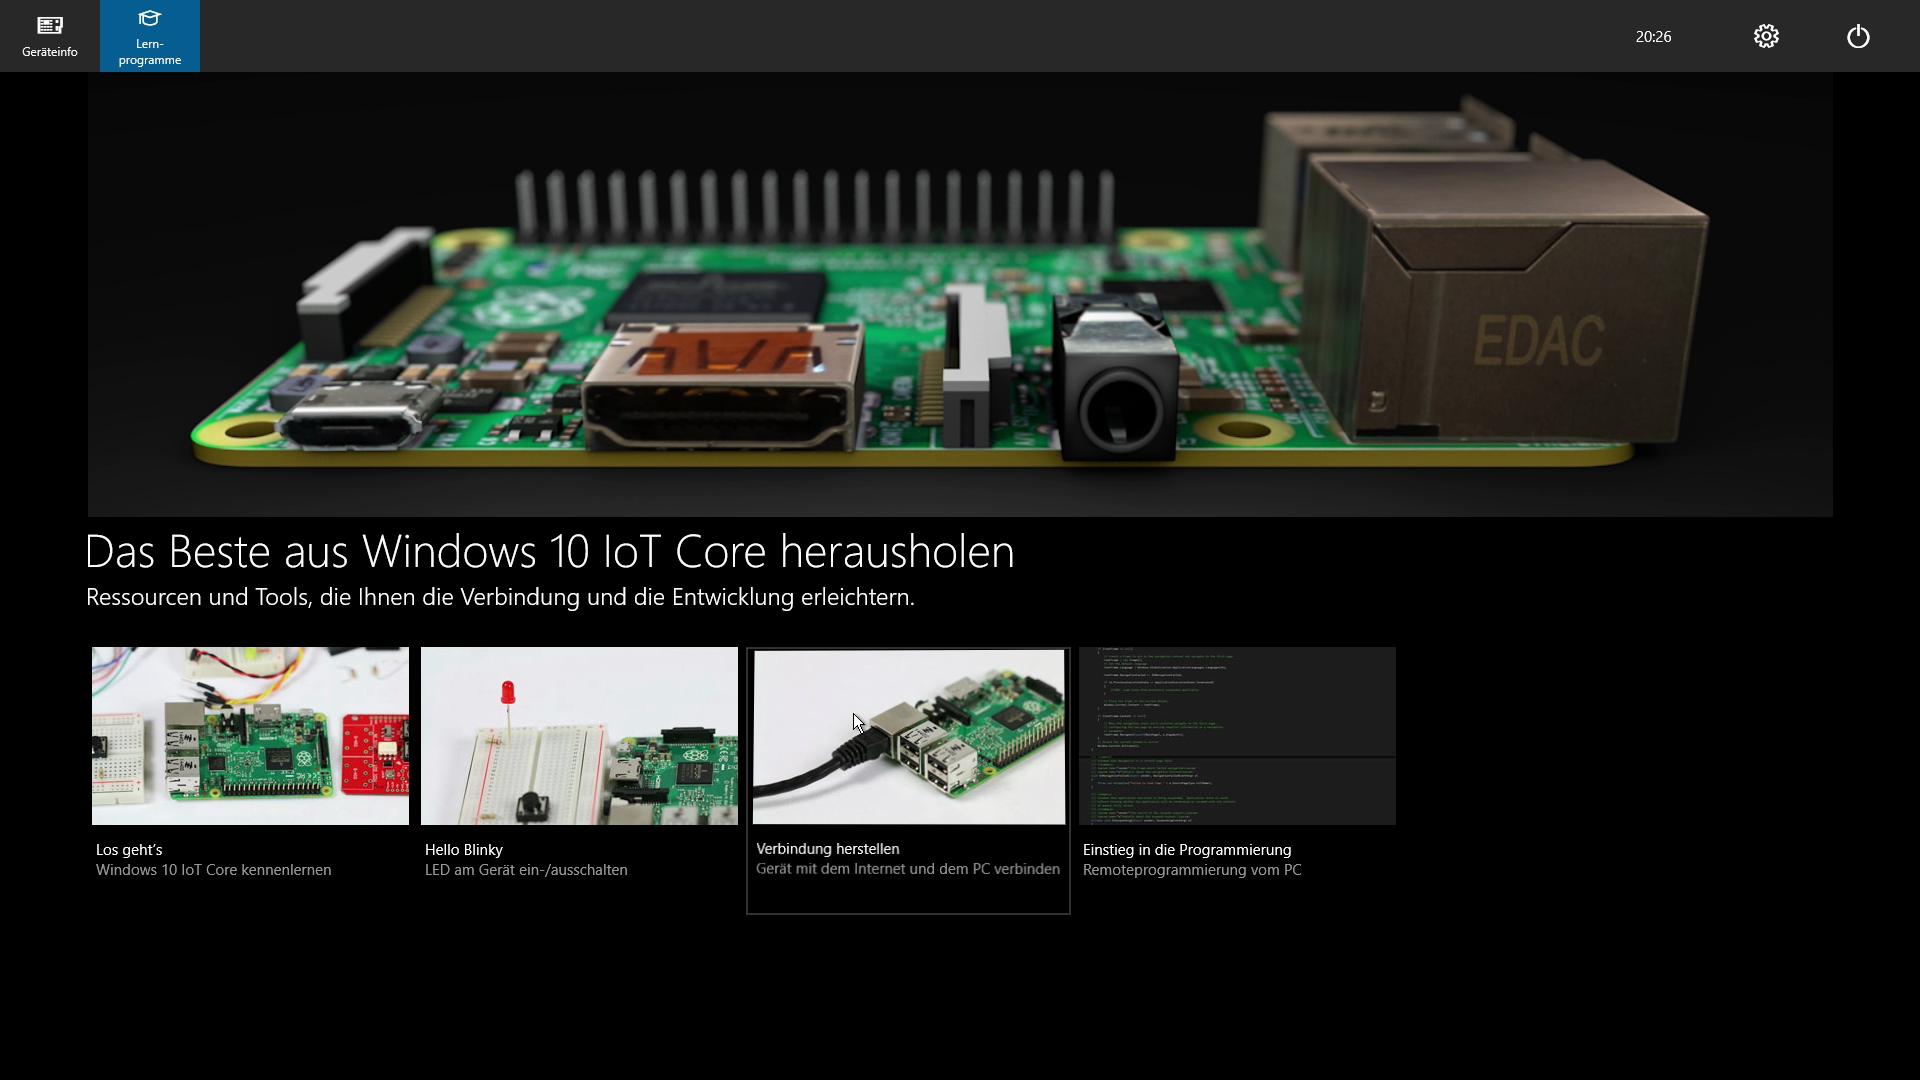 Windows 10 IoT ausprobiert: Finales Windows auf dem Raspberry Pi 2 -